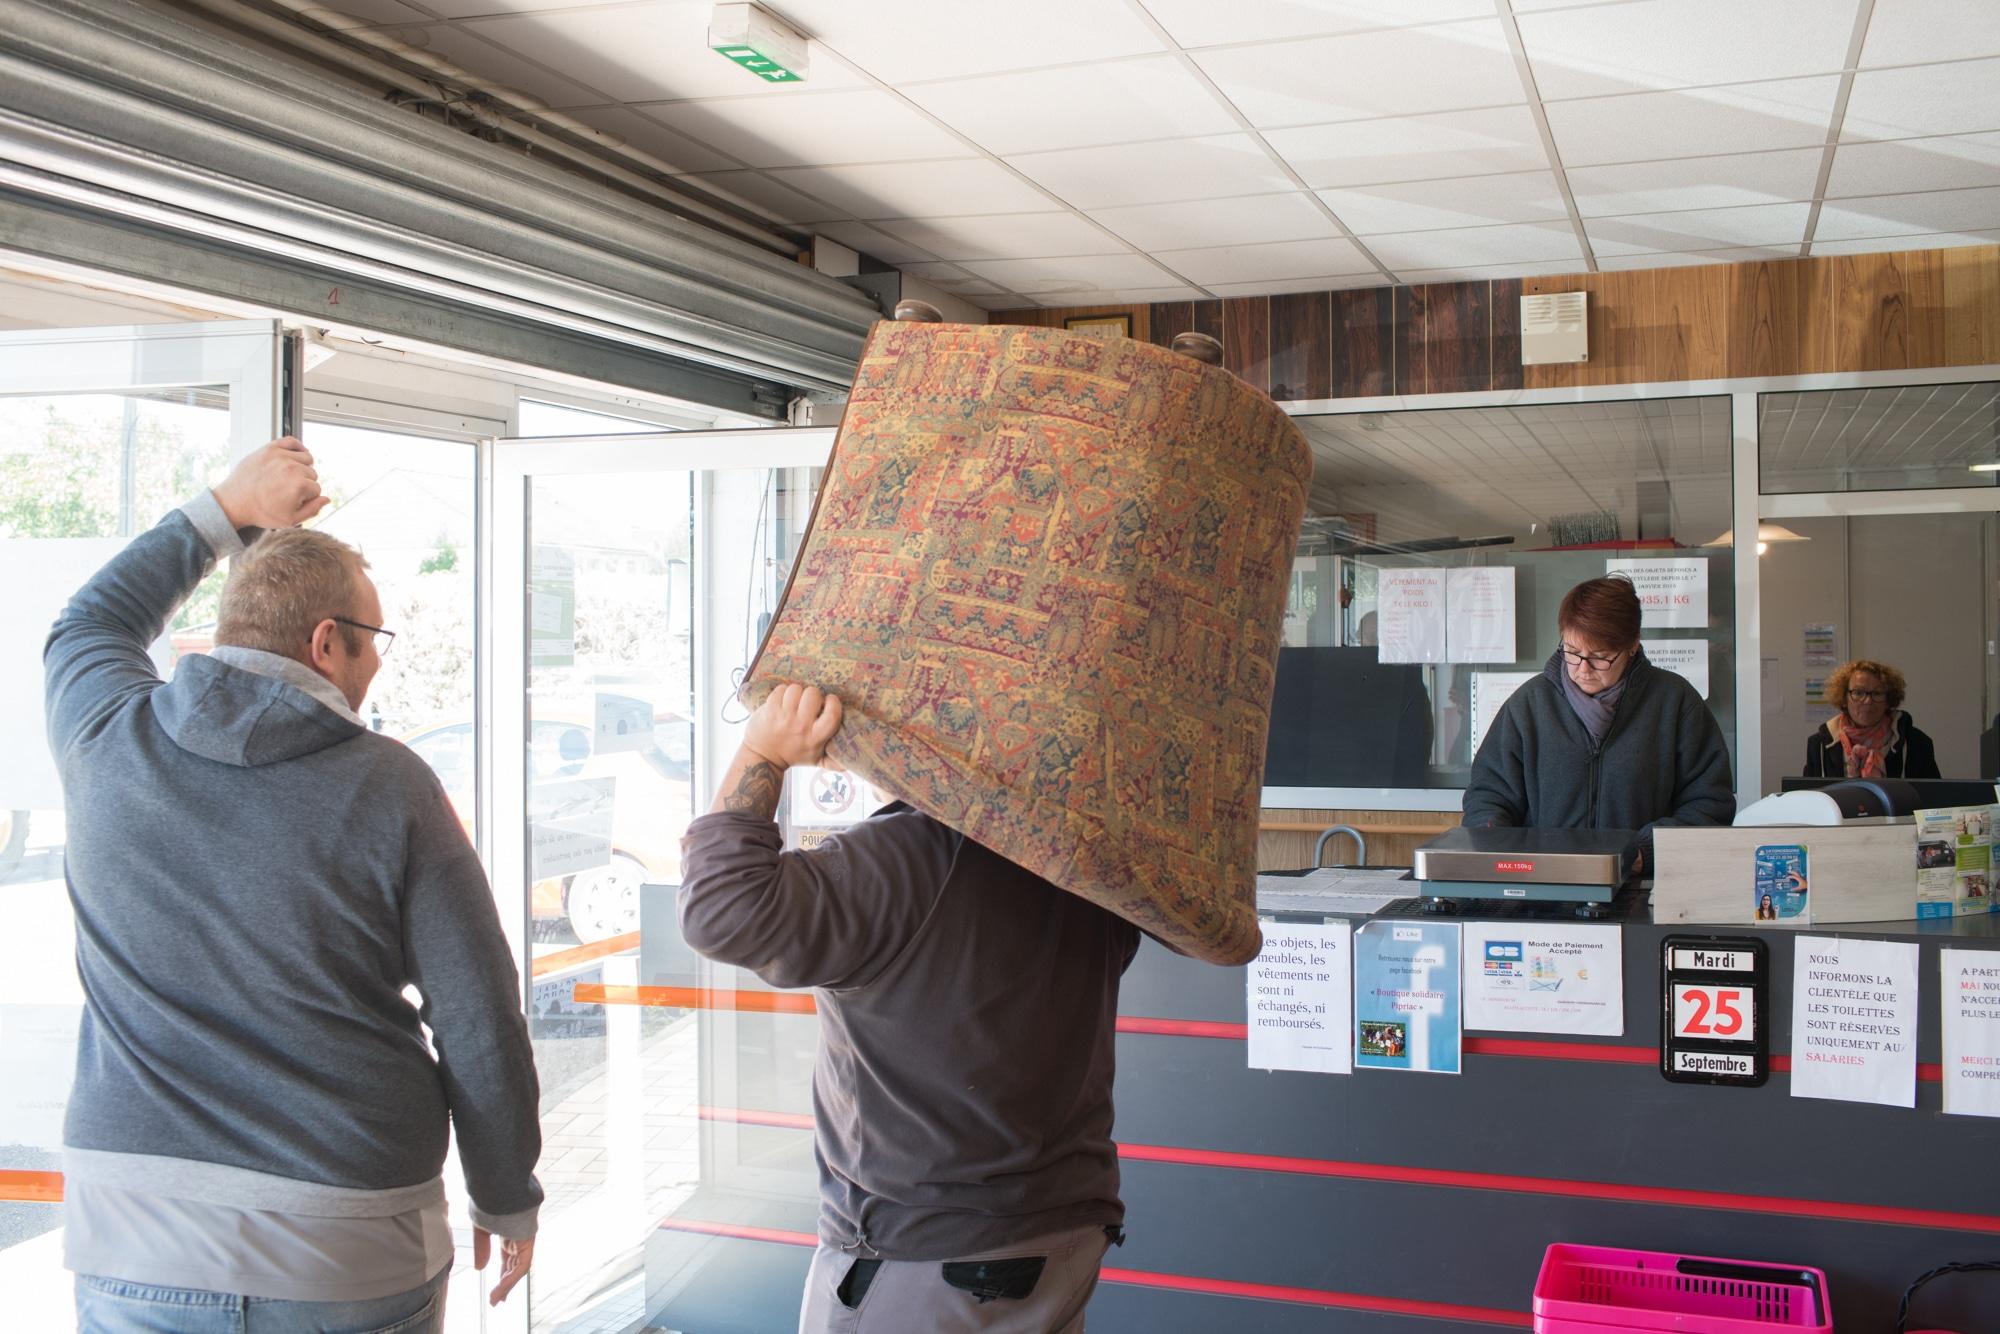 Nathalie, derrière la caisse. Au premier plan, un homme transporte un fauteuil vers l'extérieur.